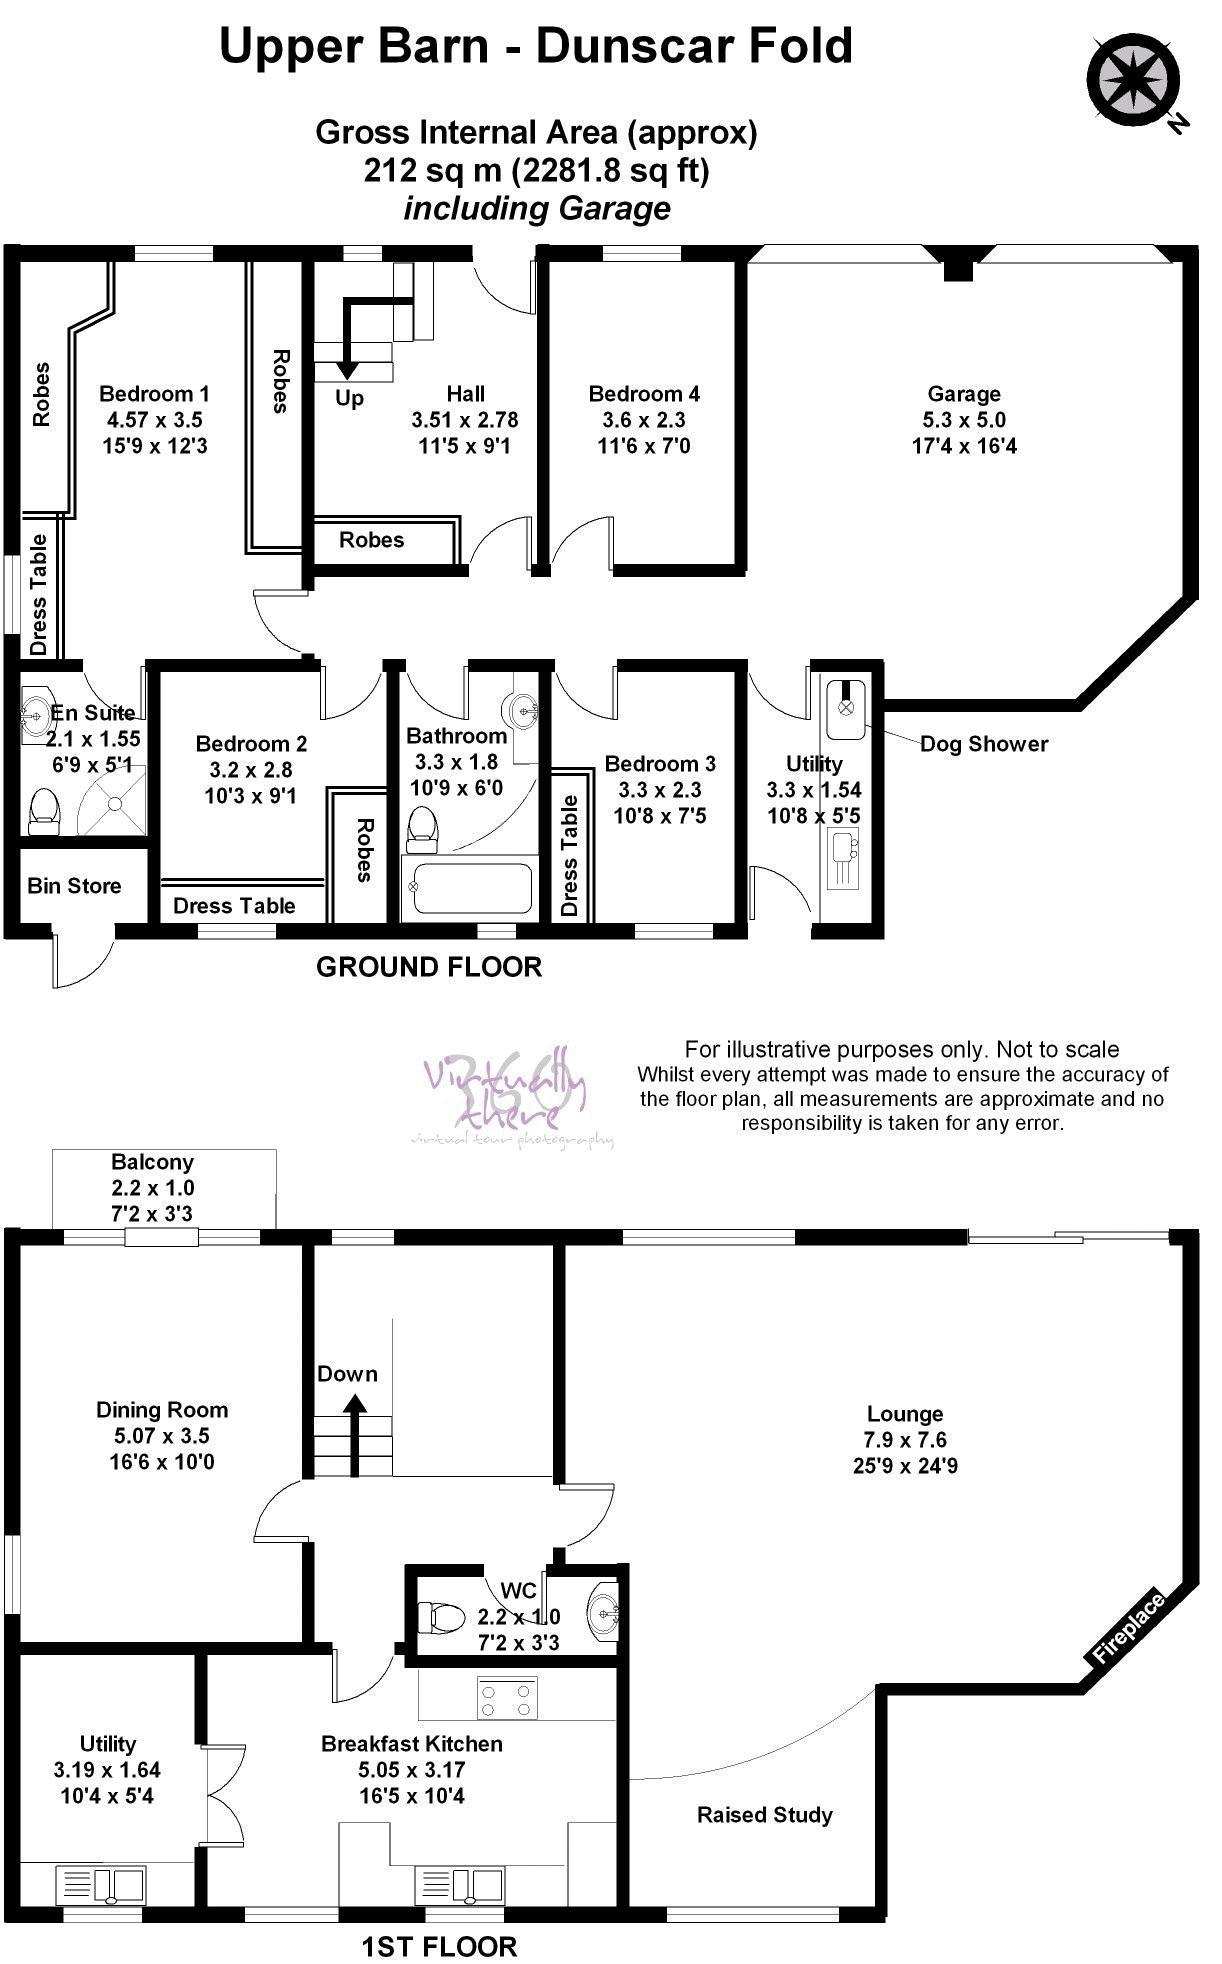 Upper Barne, Dunscar Fold, Egerton BL7, 4 bedroom semi